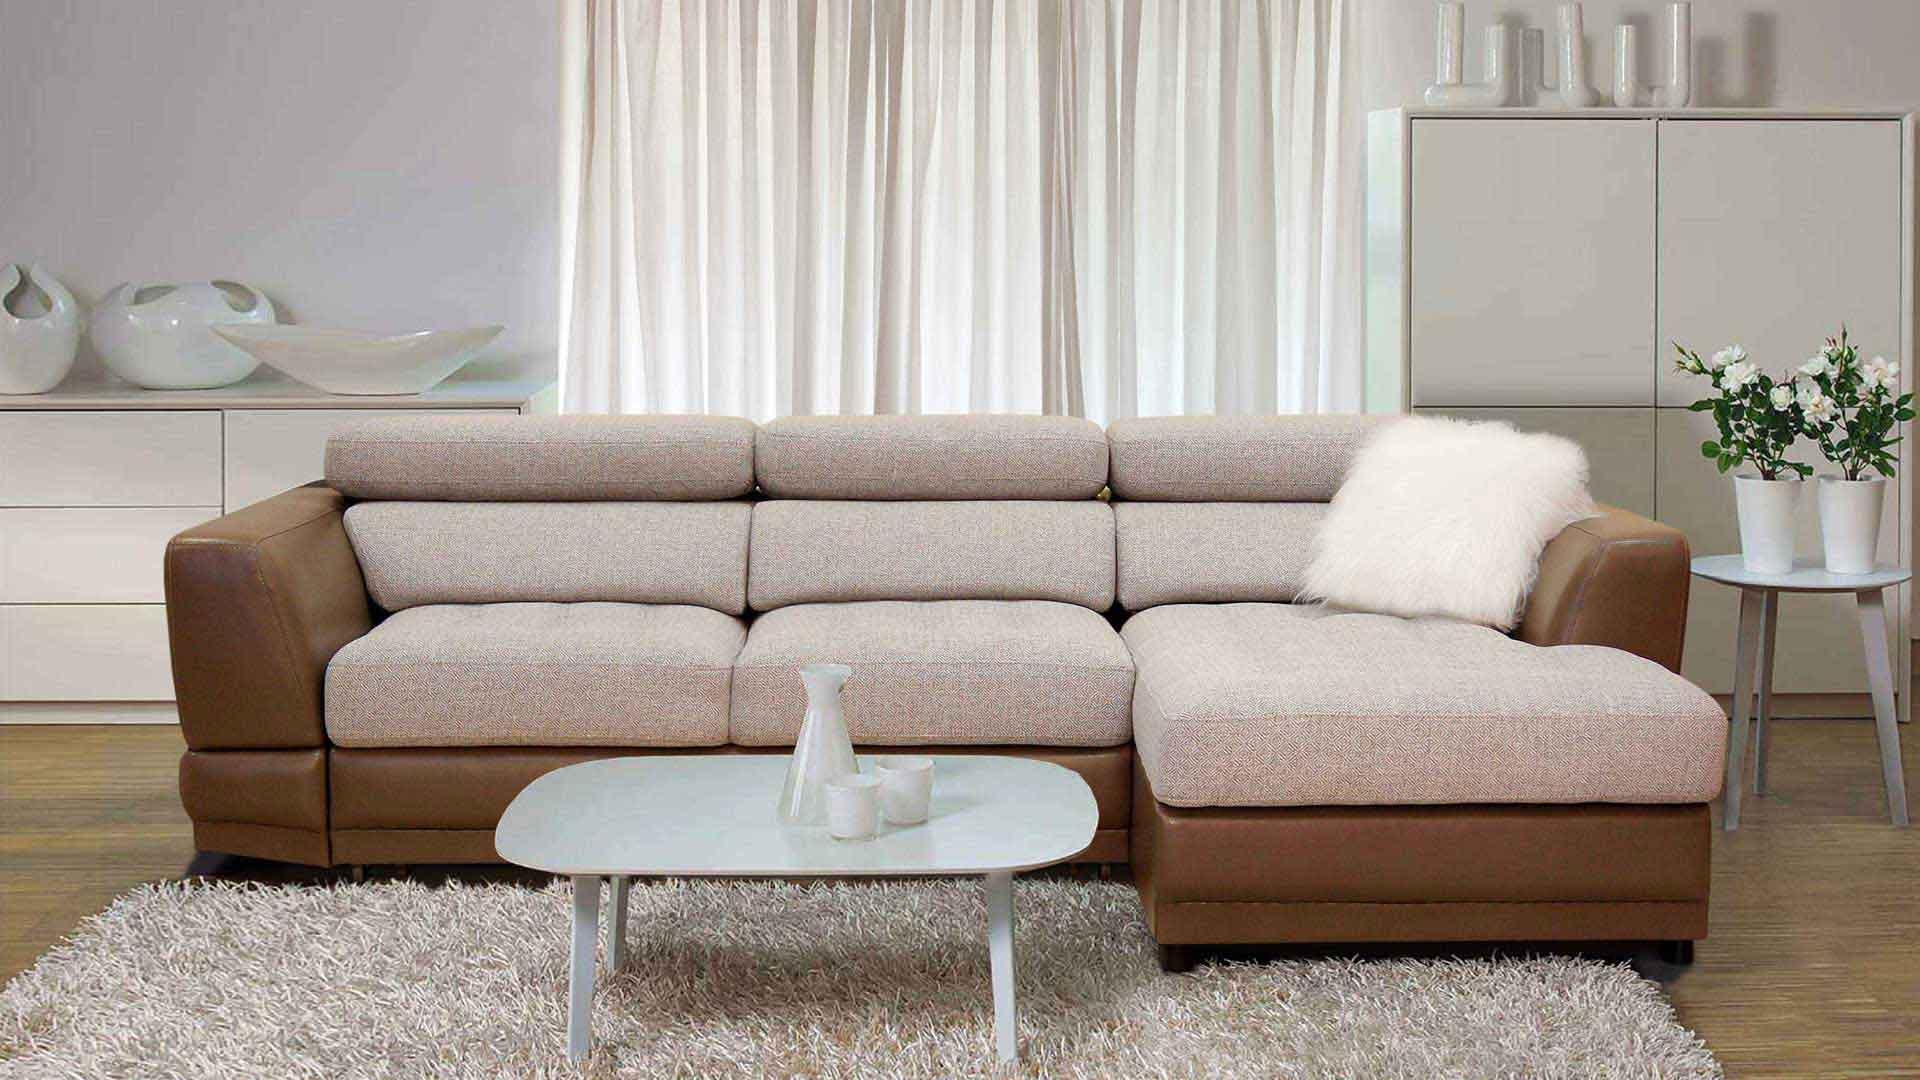 Купить обивочную ткань для диванов в чите что такое полисатин постельное